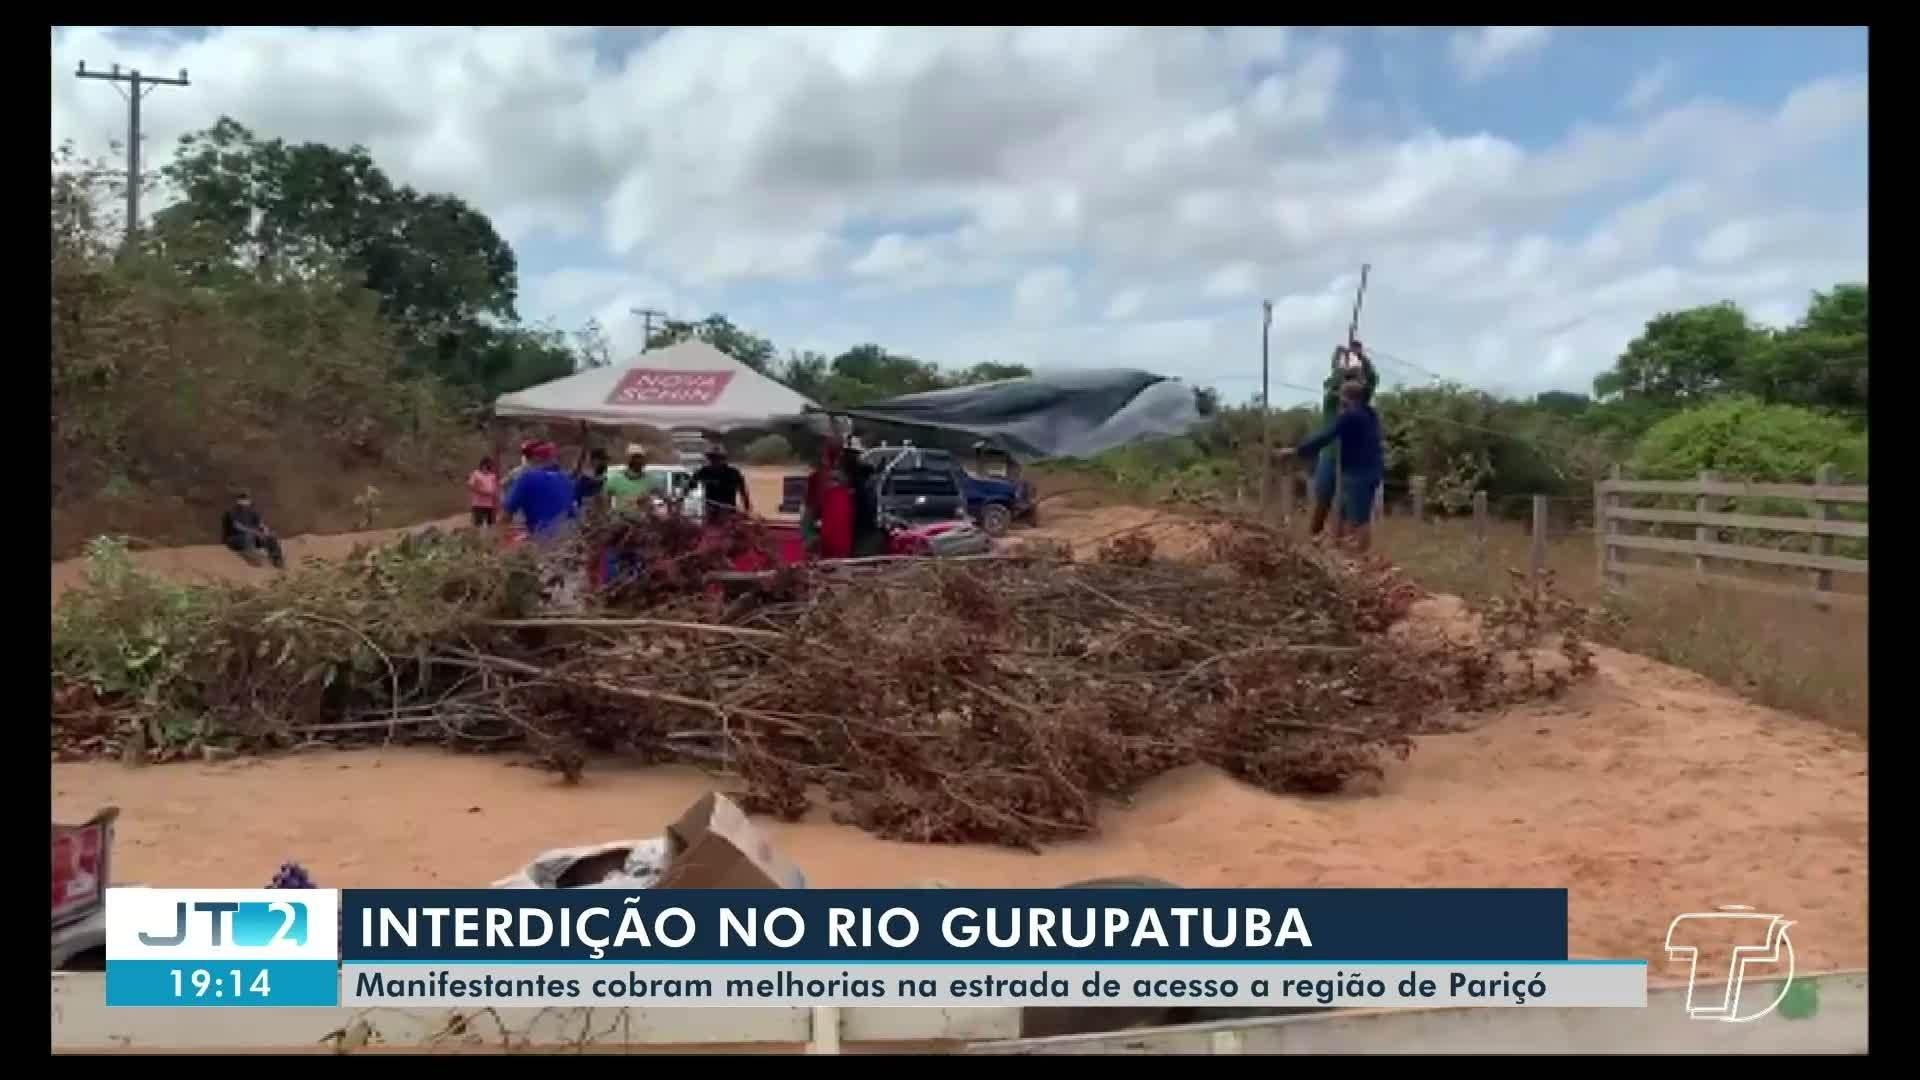 VÍDEOS: Jornal Tapajós 2ª Edição de sexta-feira, 14 de agosto 2020